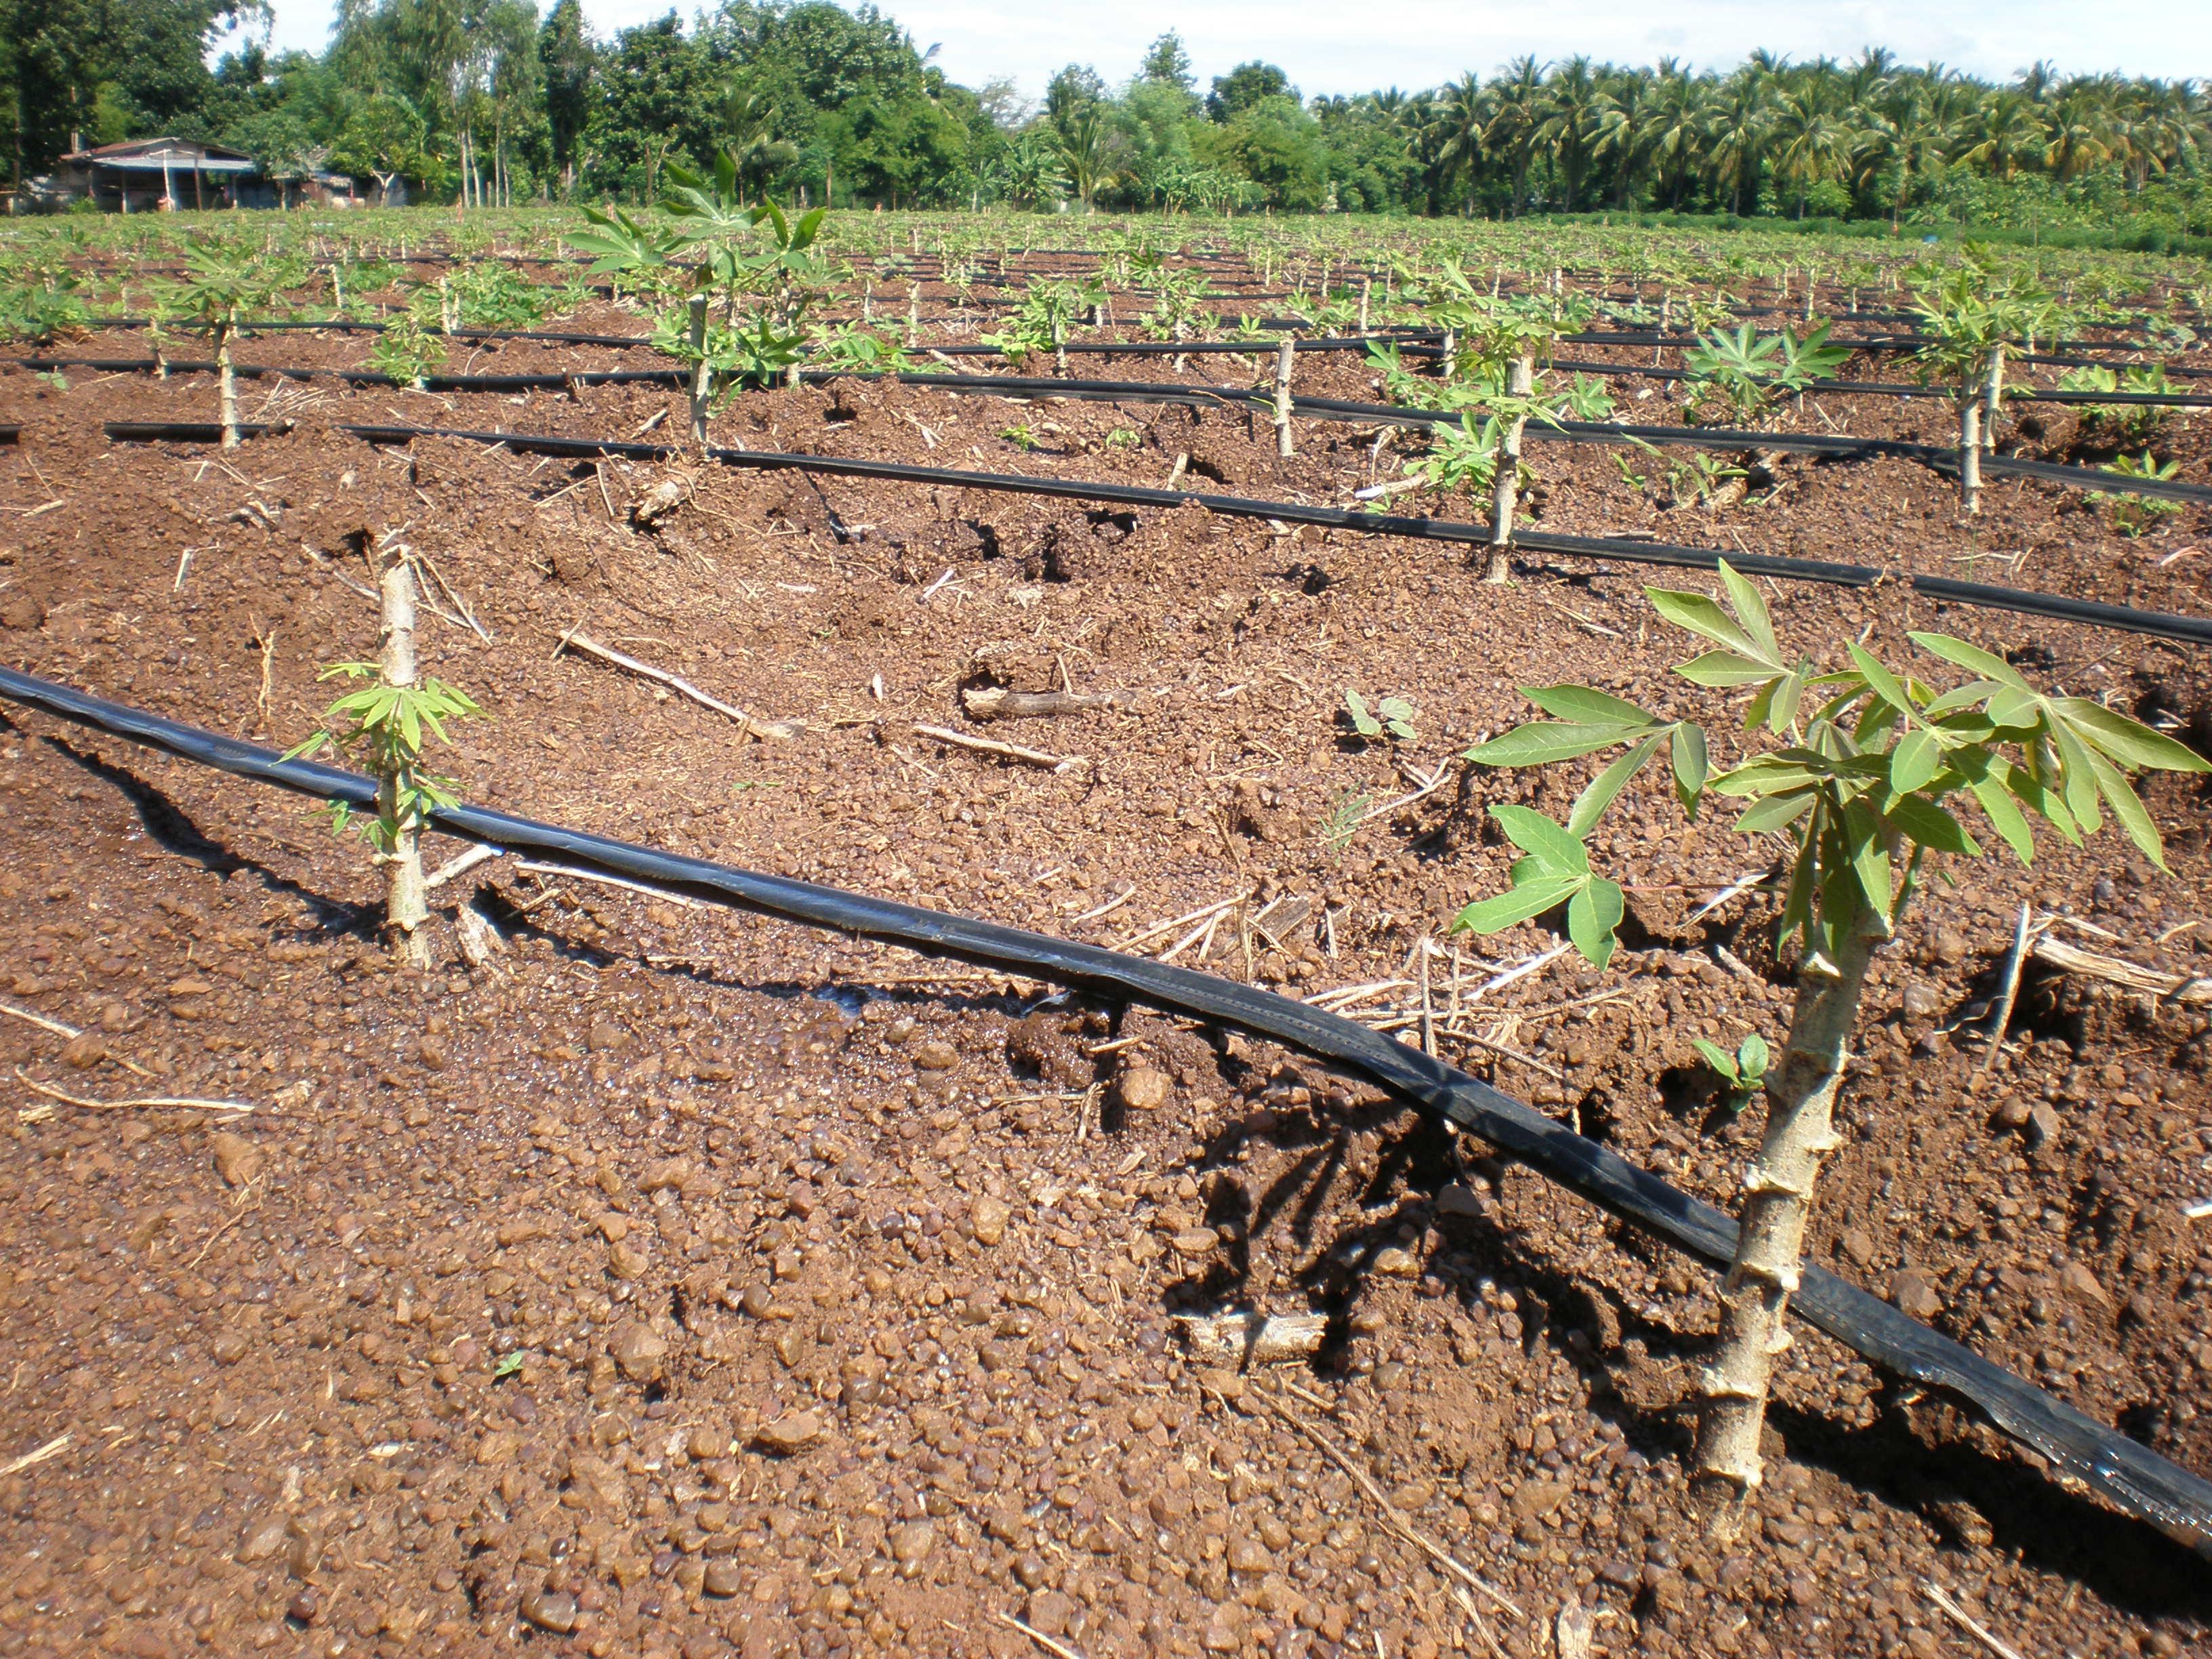 อบรมระบบน้ำเพื่อการเกษตร ทำง่าย ใช้ได้จริง 21 ก.ค.62 ม.เกษตรศาสตร์ บางเขน